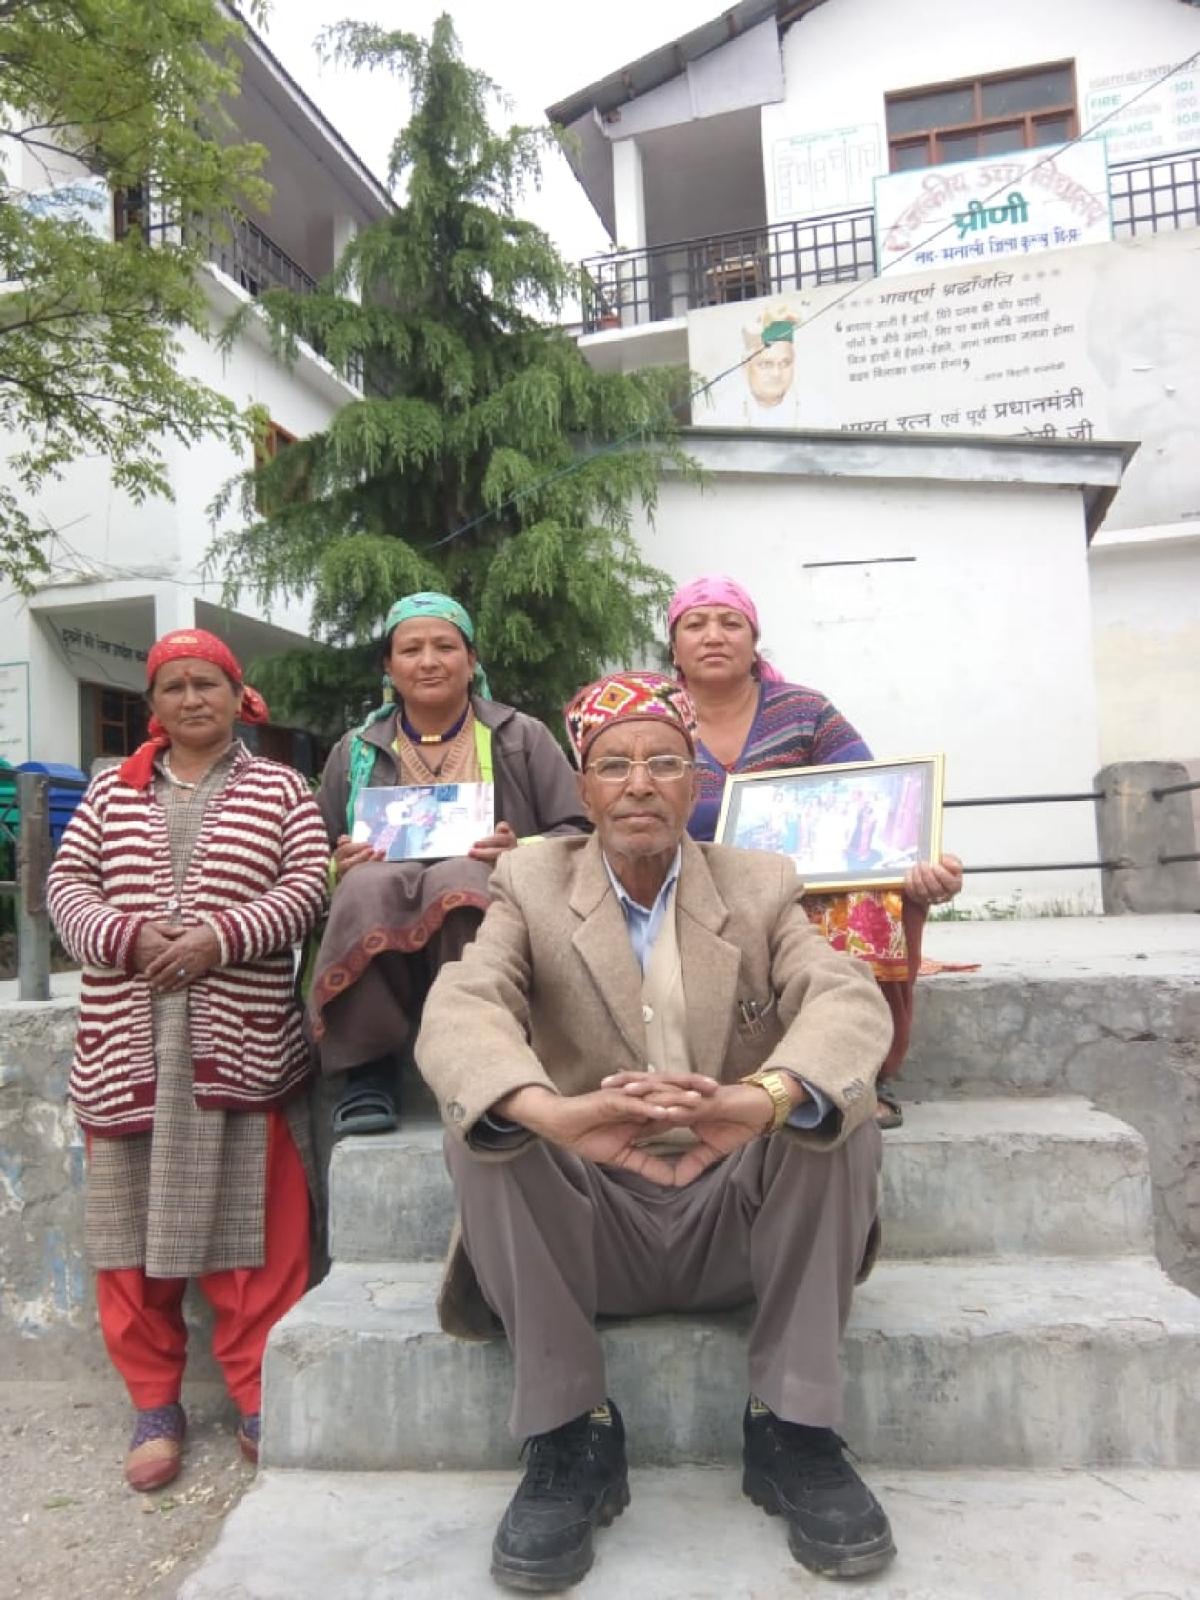 प्रीणी में अटल के बनवाए स्कूल के बाहर उनके साथ खिंचाई तस्वीर लिए गांववाले अपना दर्द बयां करते हुए